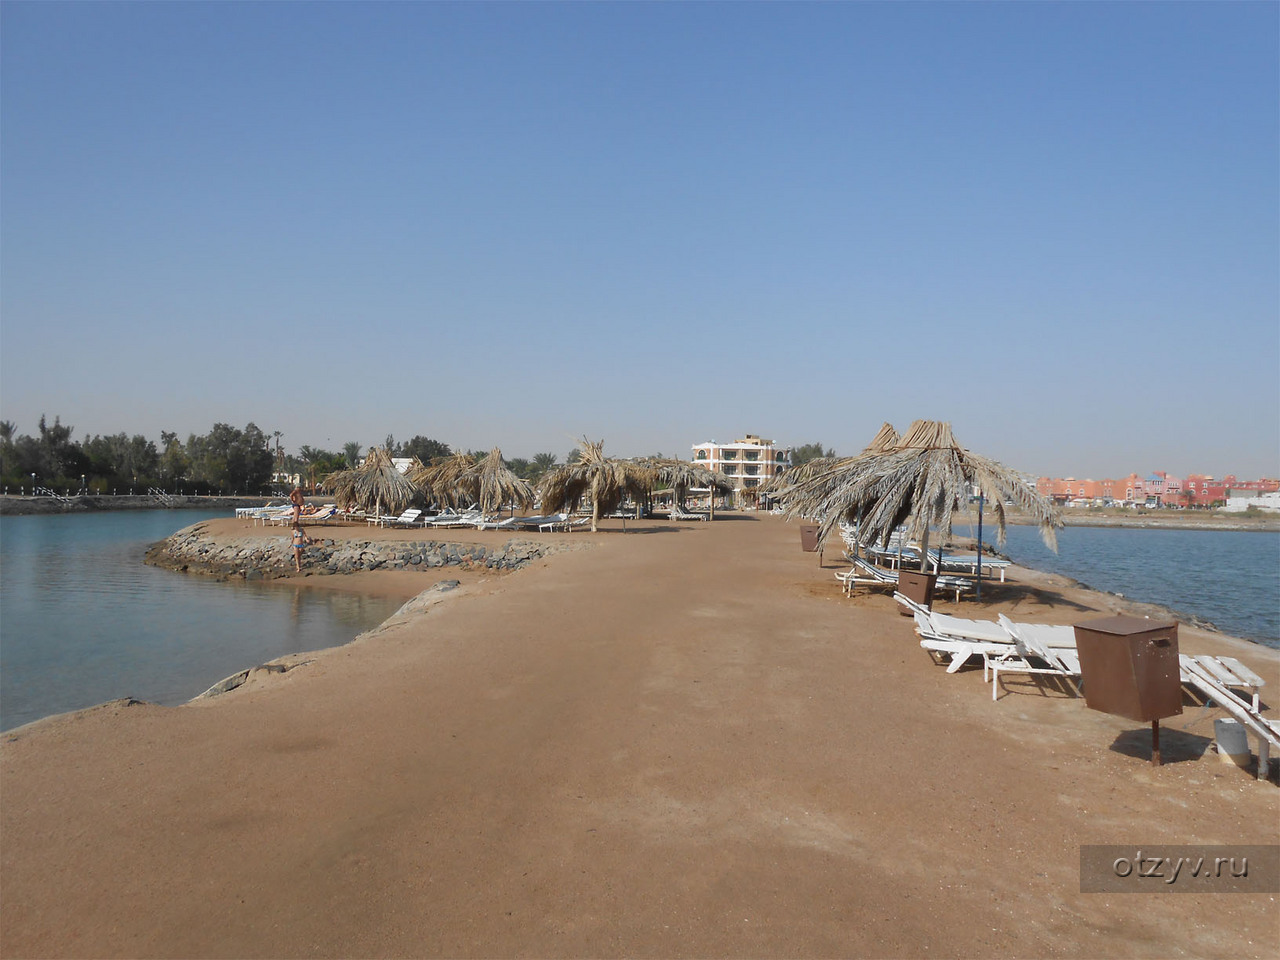 Рулетка 3 египет отель хенд мейд для дома в стиле казино